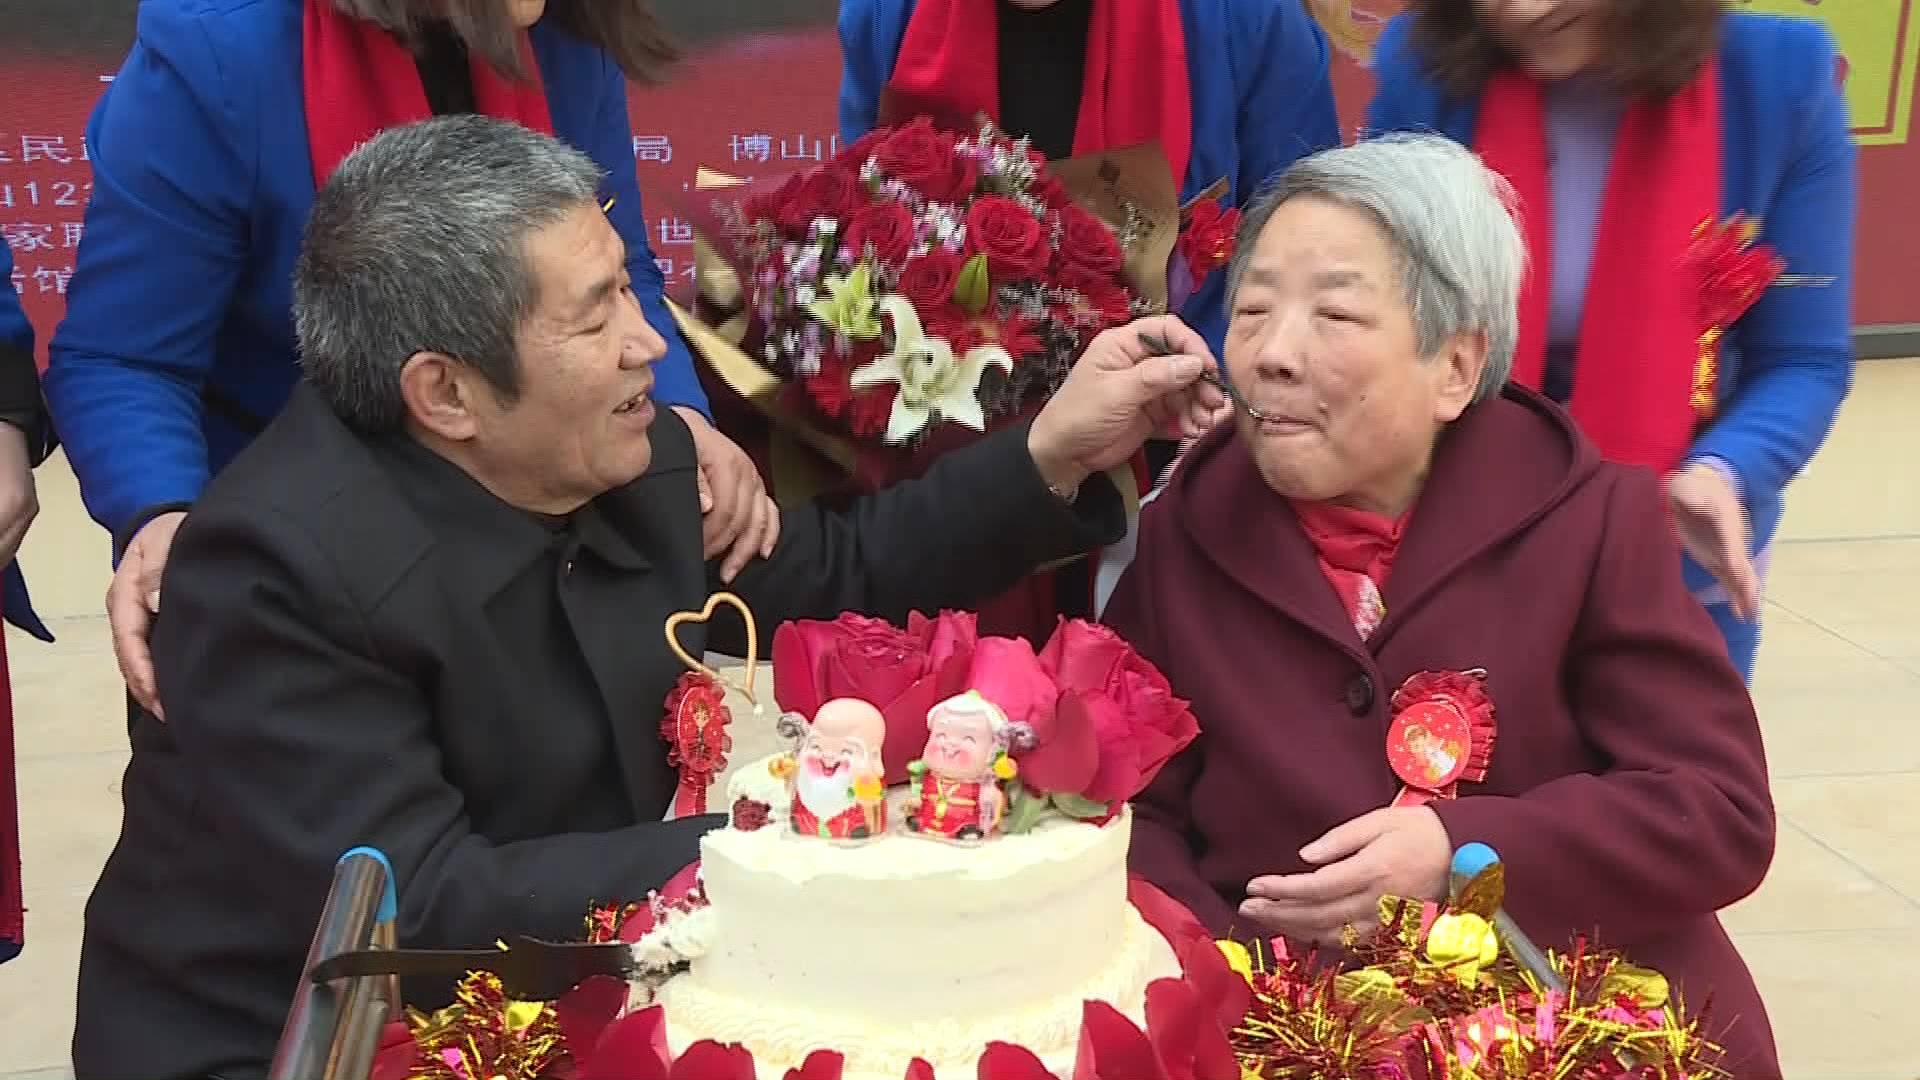 50秒丨相信爱情!淄博64岁大爷追到75岁大娘 大声喊出我爱你